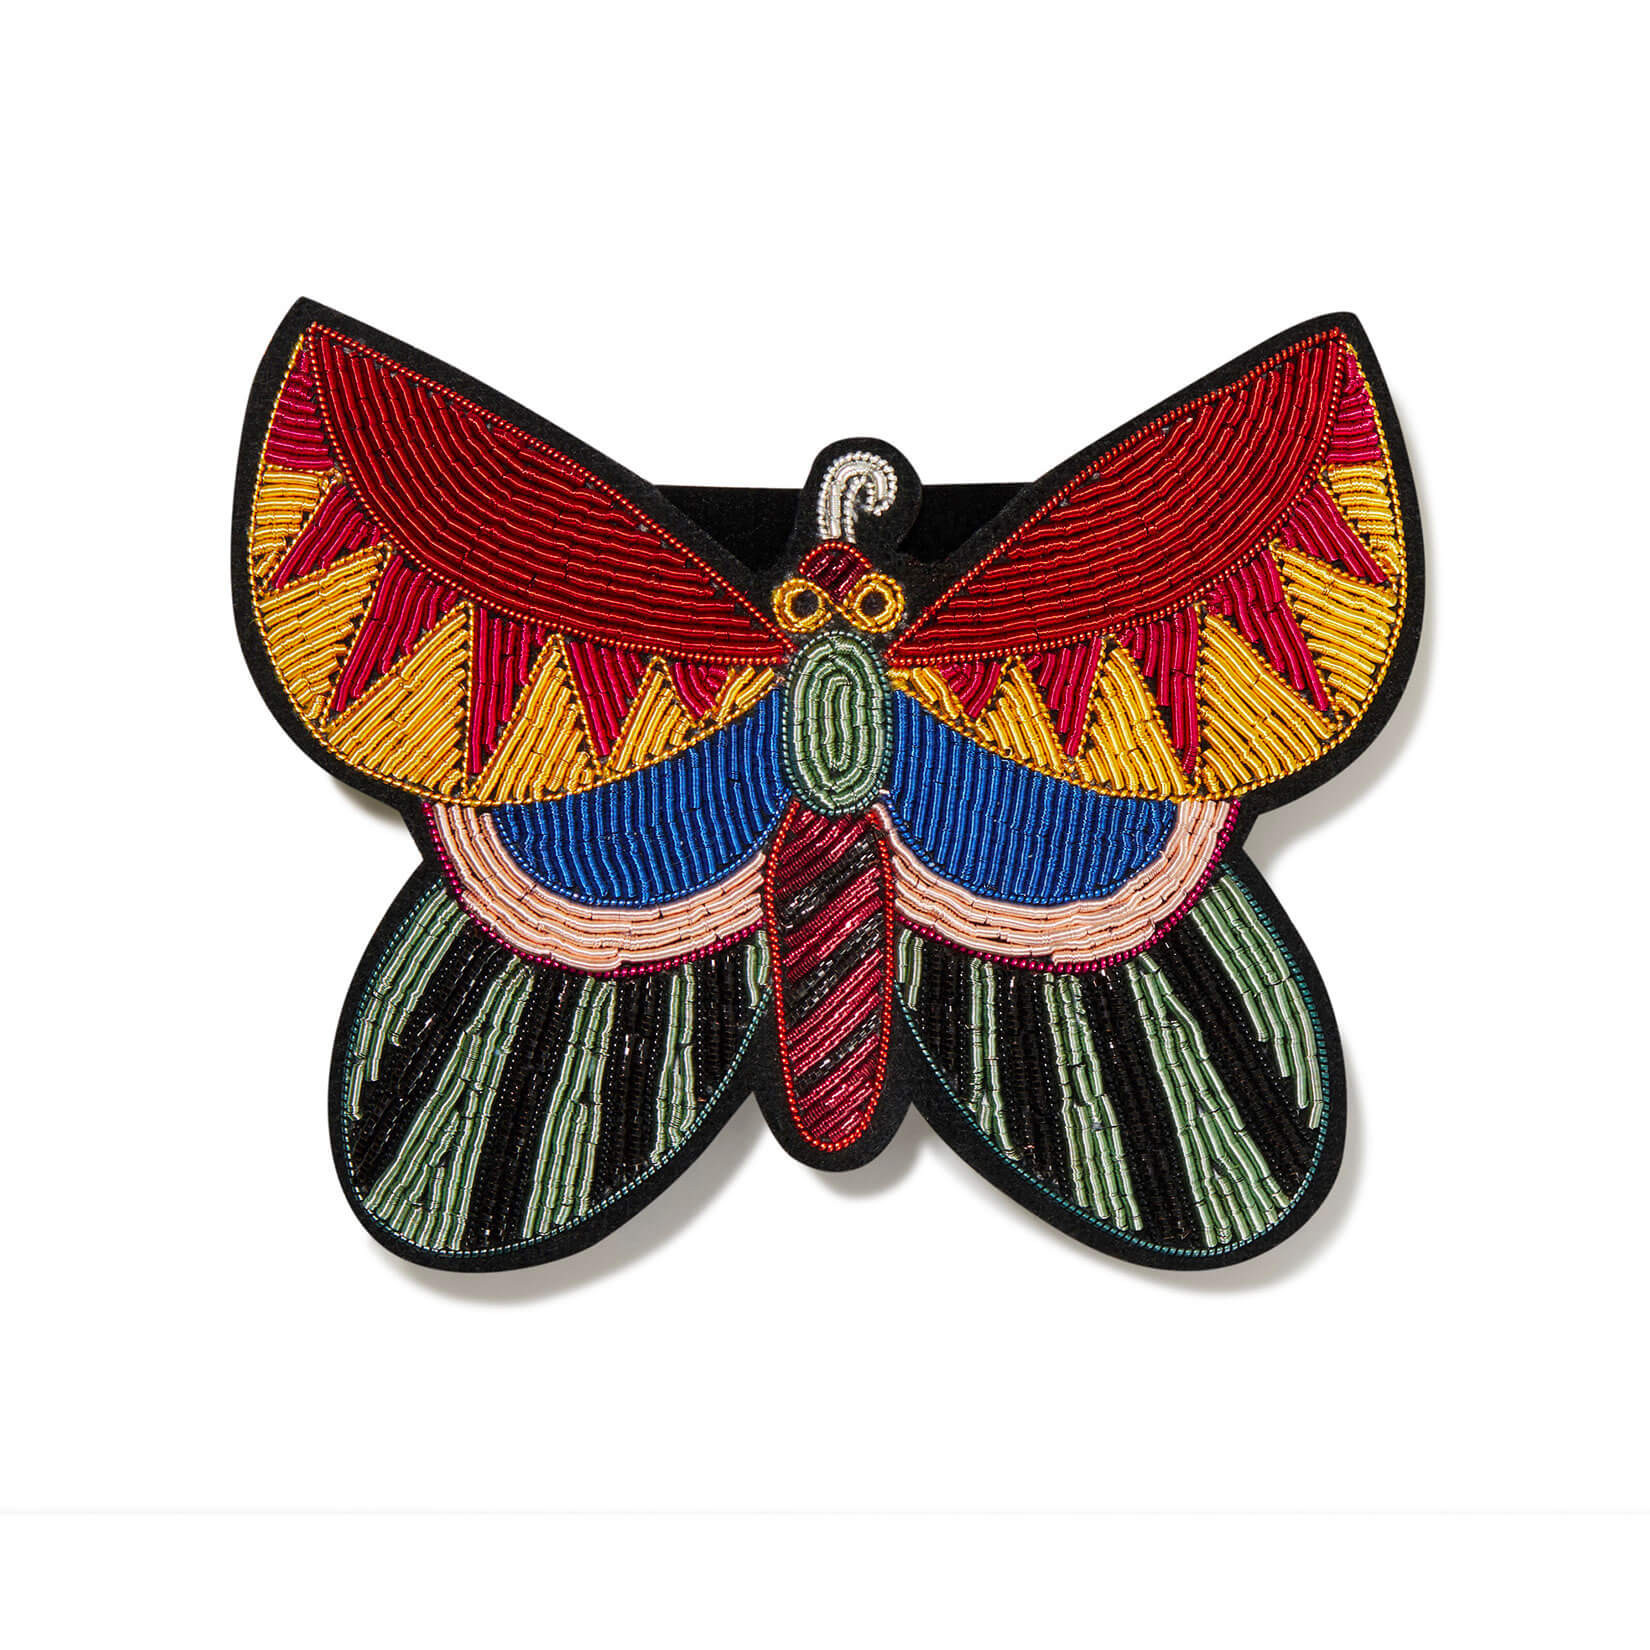 印度丝徽章手工刺绣发夹头饰,绣花会令您开心吗?用我们的手工绣花条几乎(有可能)。